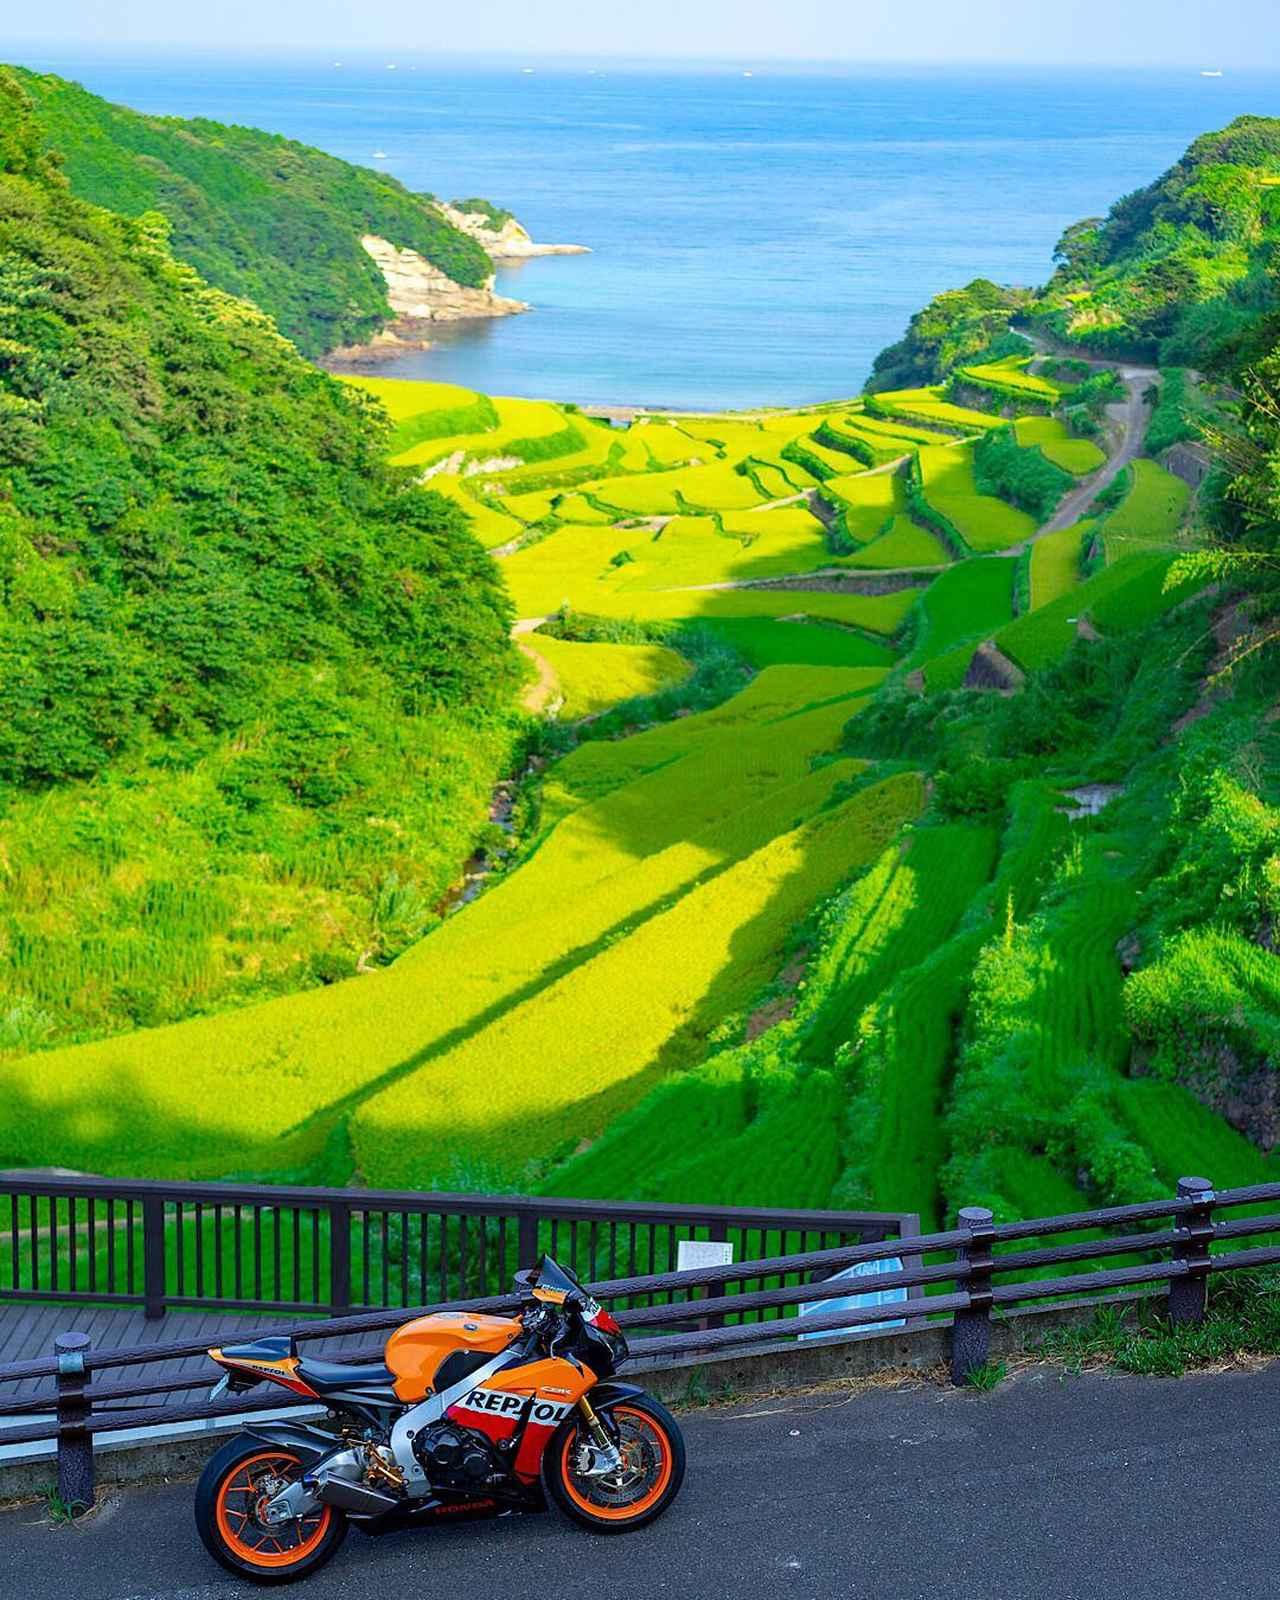 """画像1: yoshi ✨ on Instagram: """"鷹島まで朝駆♪ 早朝がだいぶ涼しくなって来ました #honda #cbr1000rr #sc59 #repsol #bike #bikelife #motorcycle #motorbike #バイク #バイクのある風景 #バイクが好きだ #alittlehonda…"""" www.instagram.com"""